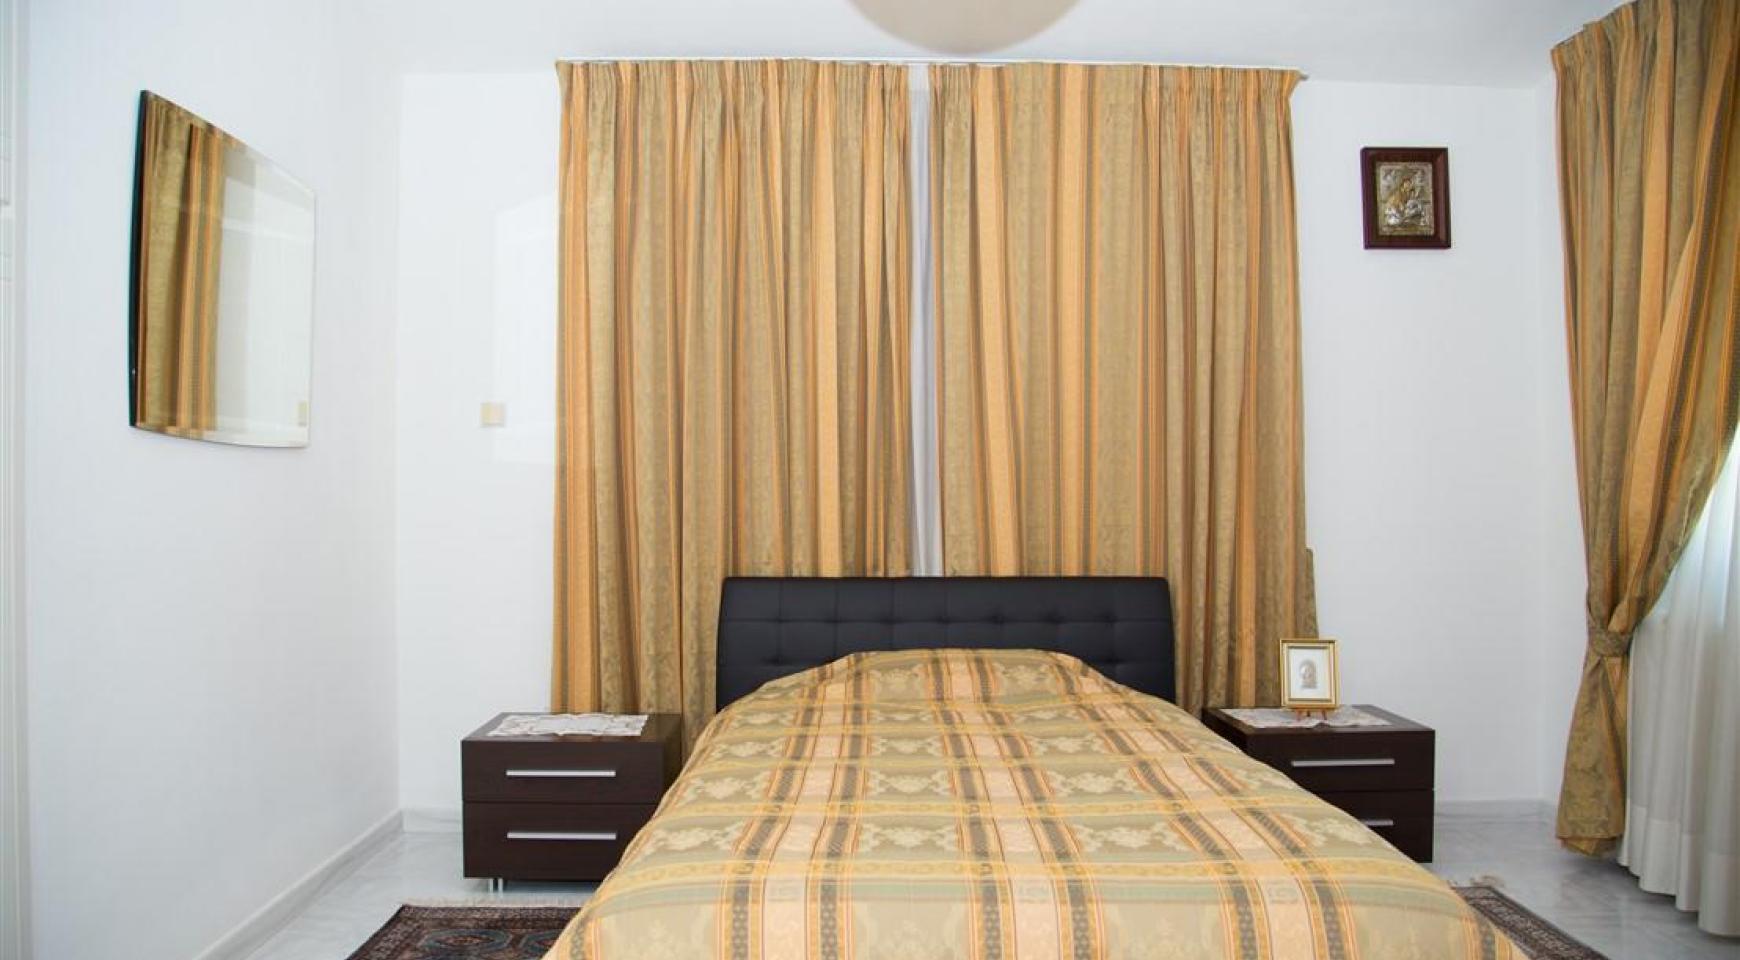 Spacious 5 Bedroom House in Agios Athanasios Area - 17